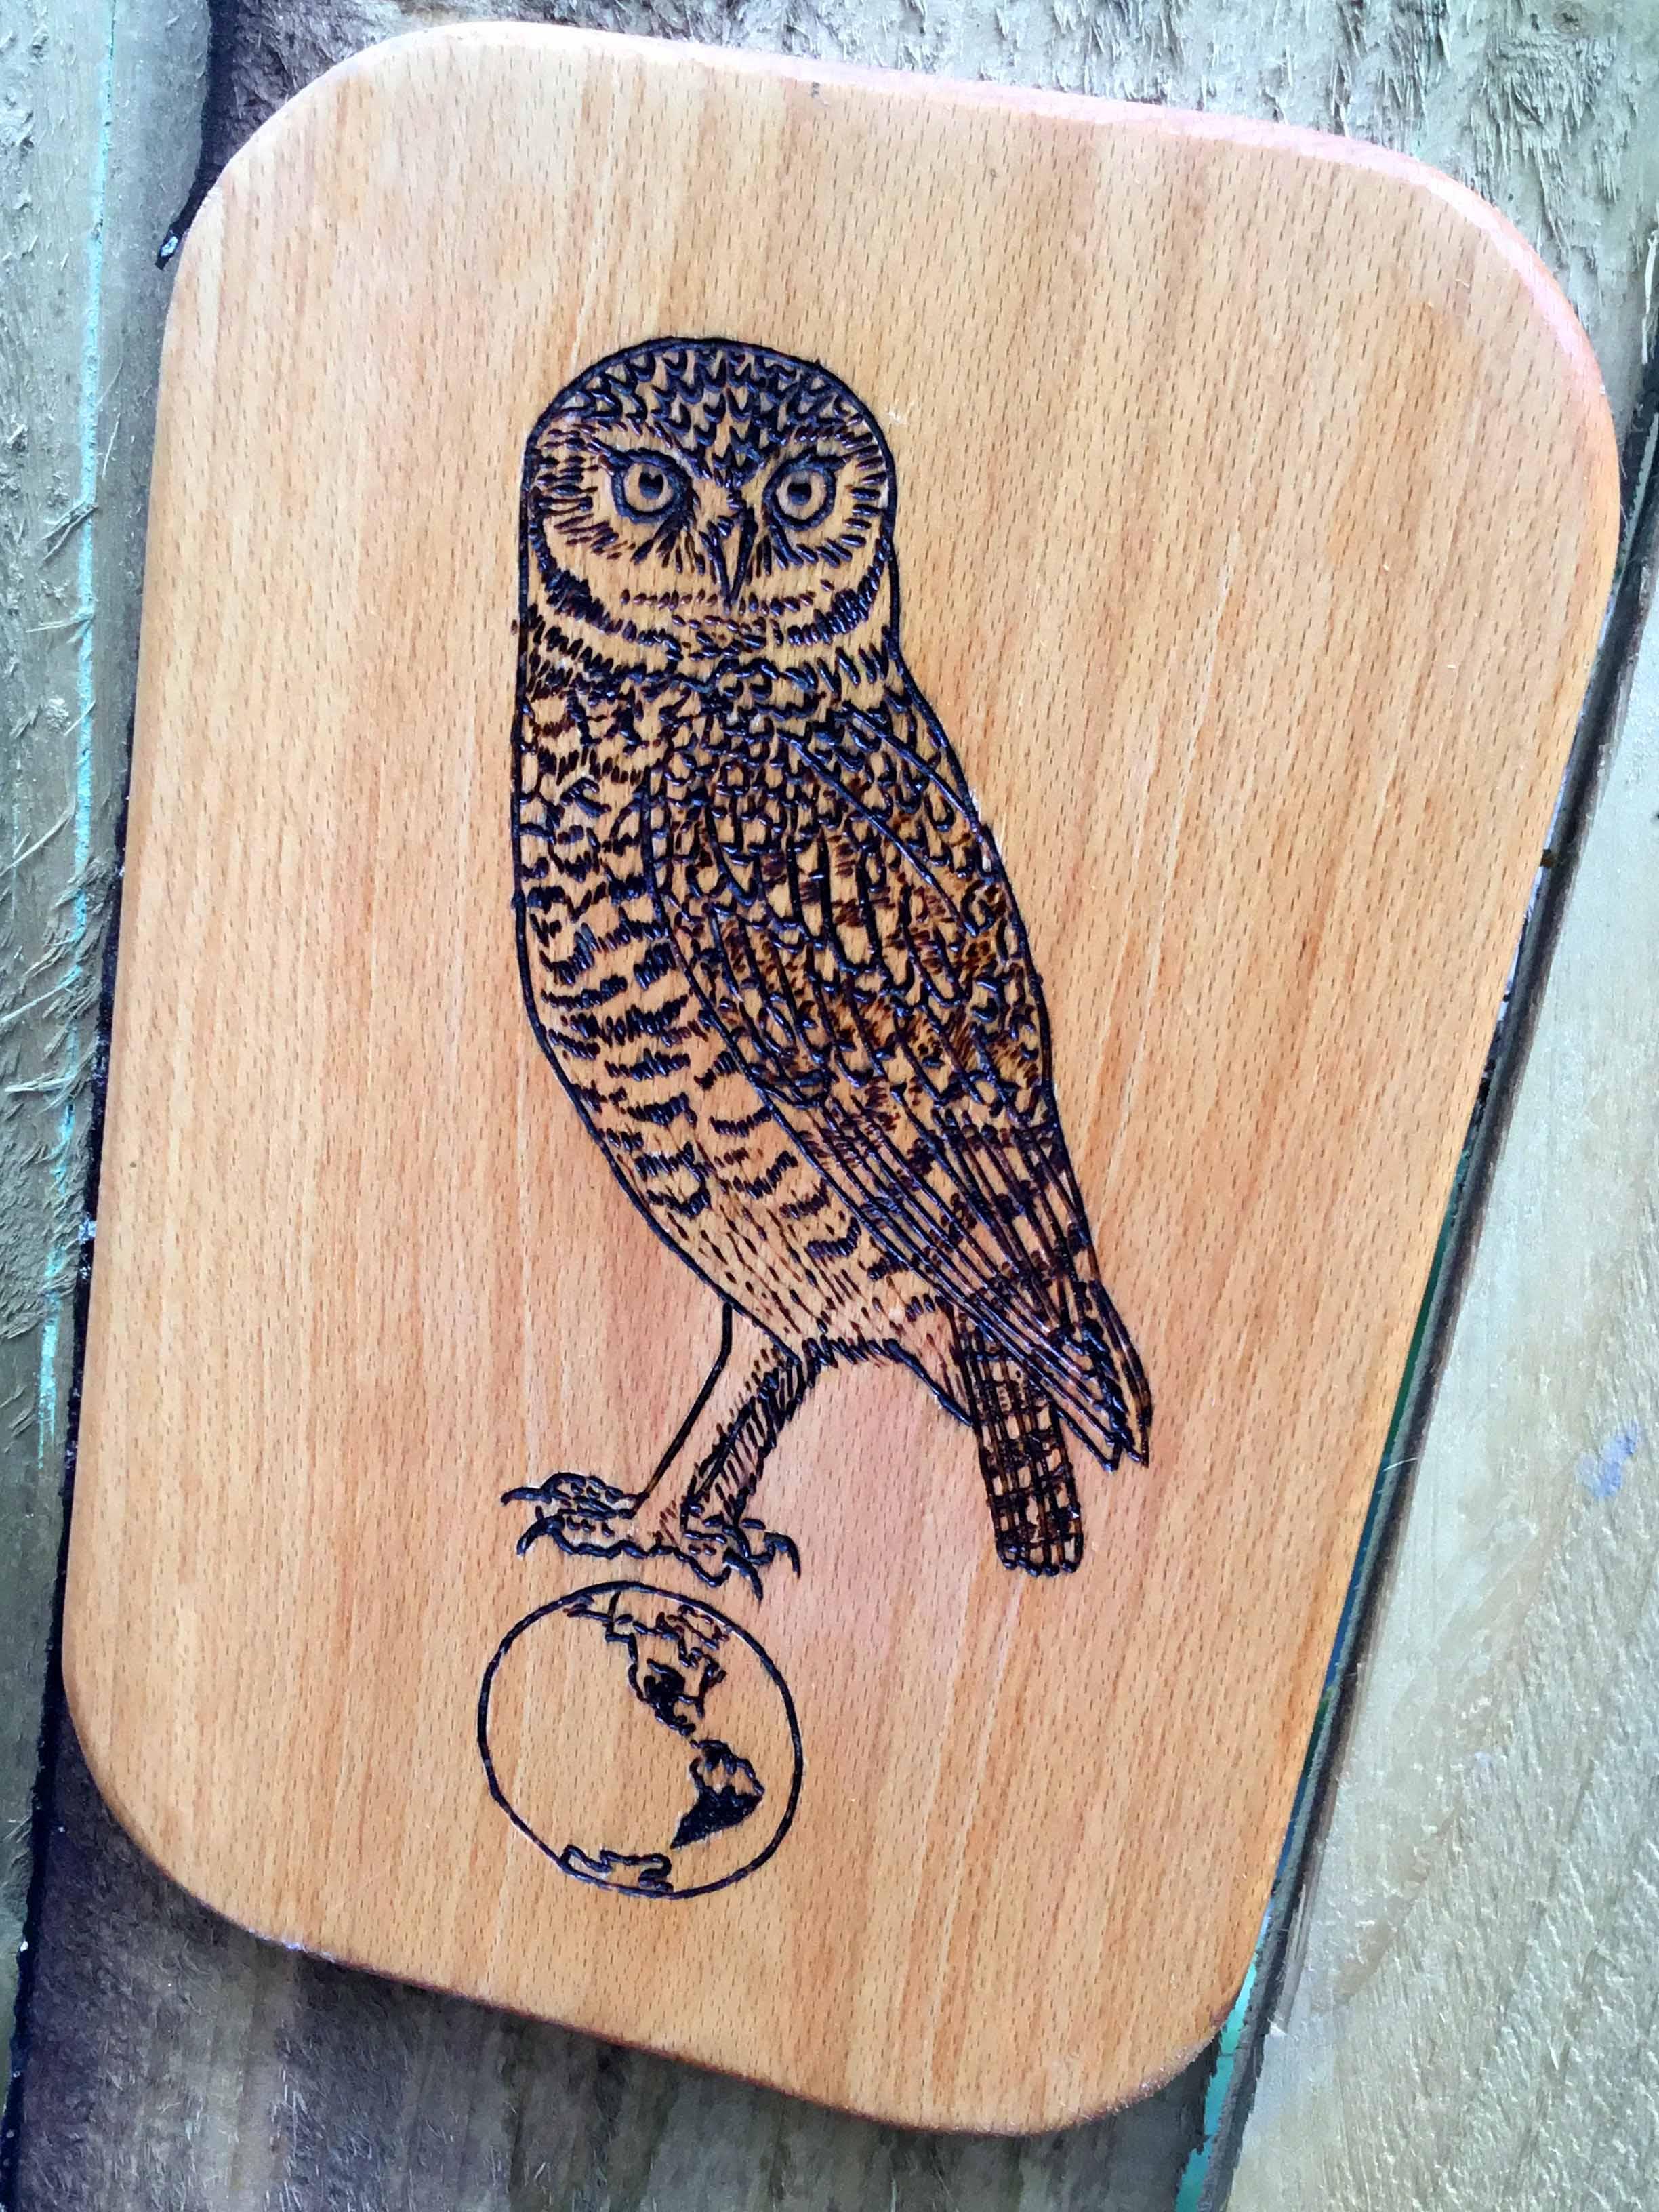 Owl Parliament 7